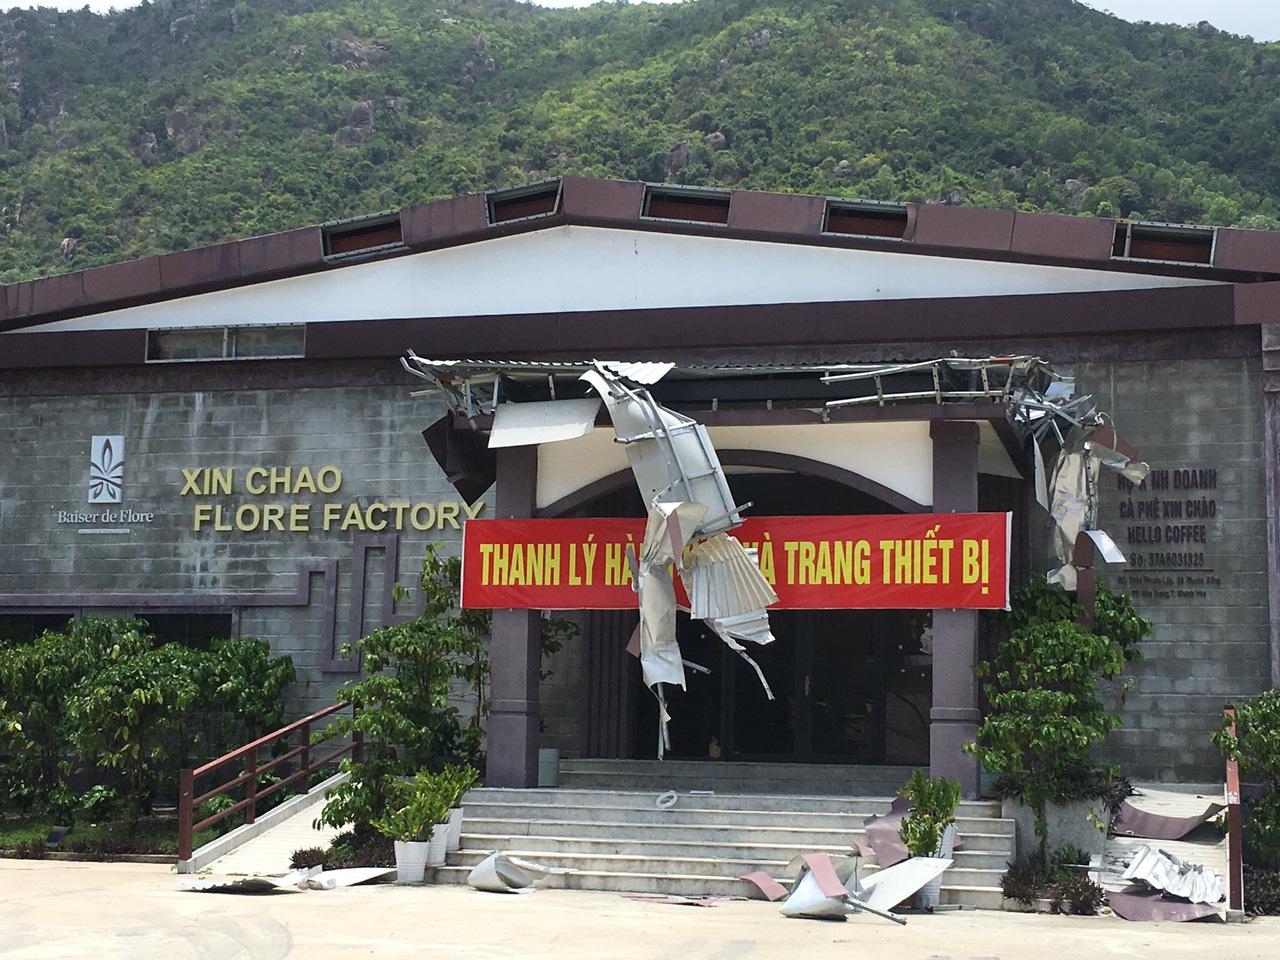 Nha Trang: Nhiều công trình xây dựng trái phép vẫn chưa tự nguyện tháo dỡ - Ảnh 1.